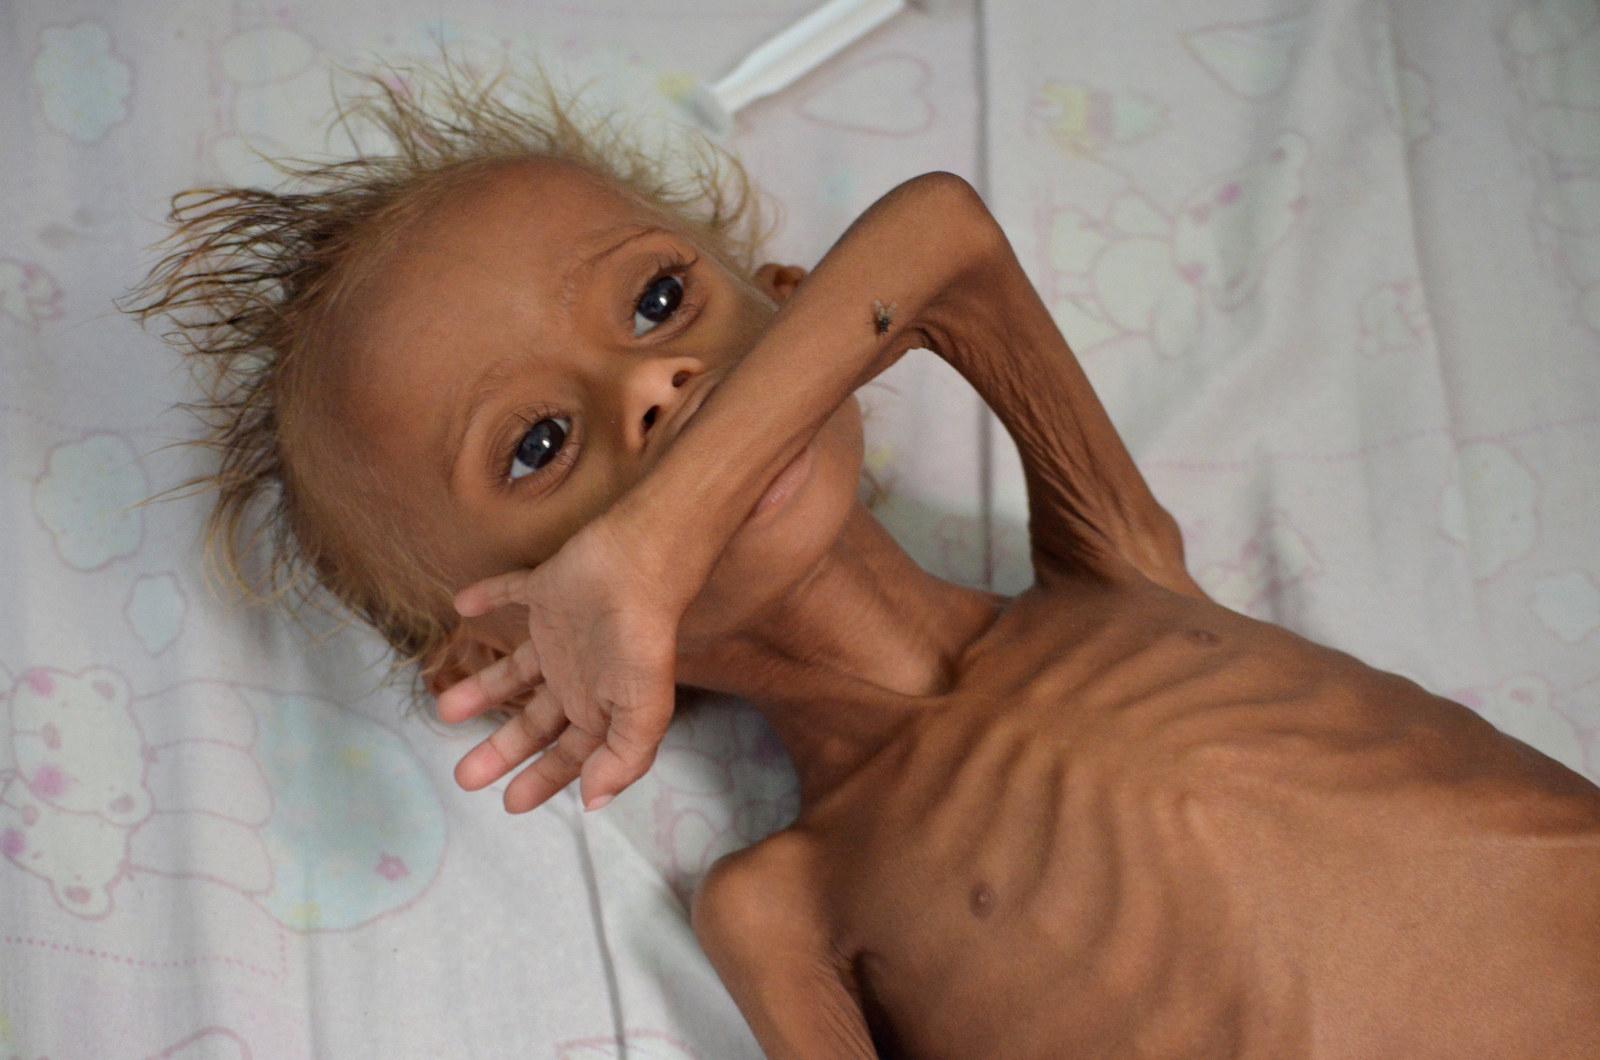 栄養失調で弱る子供たち イエメンで起きていること